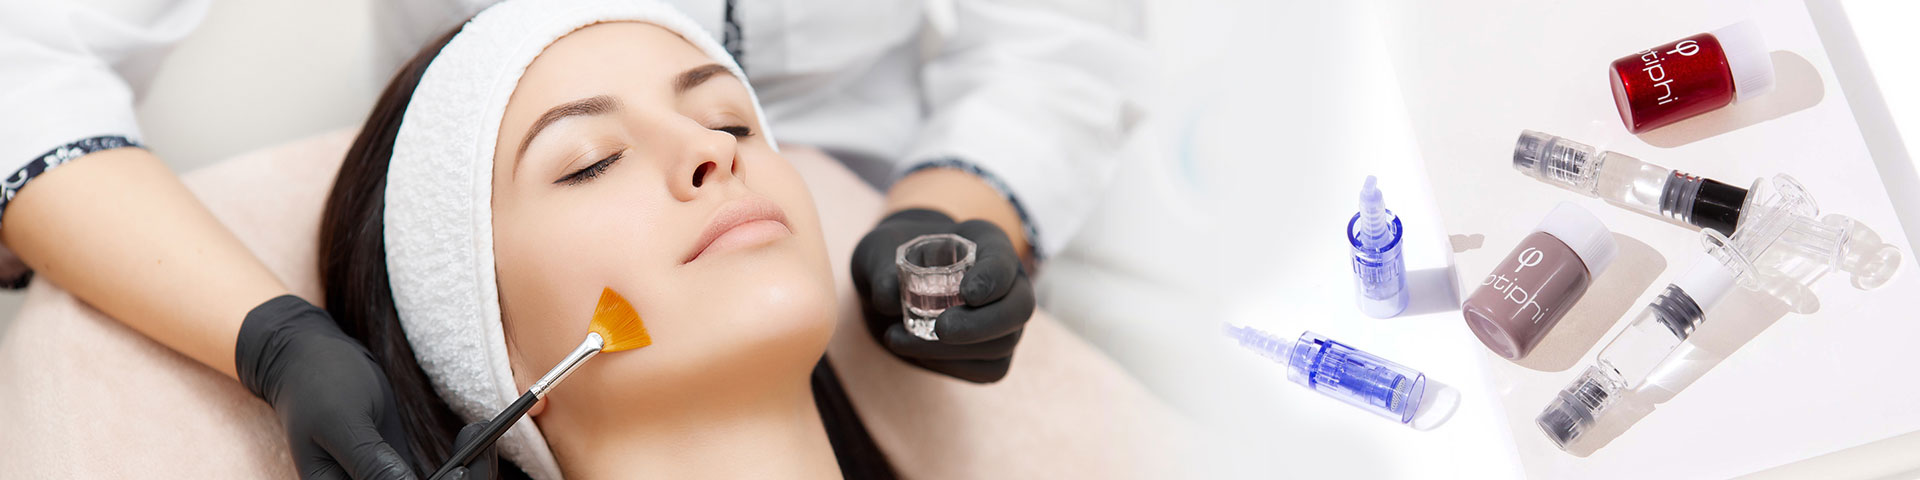 Chemische Peeling`s Junge Frau in der Kosmetikbehandlung